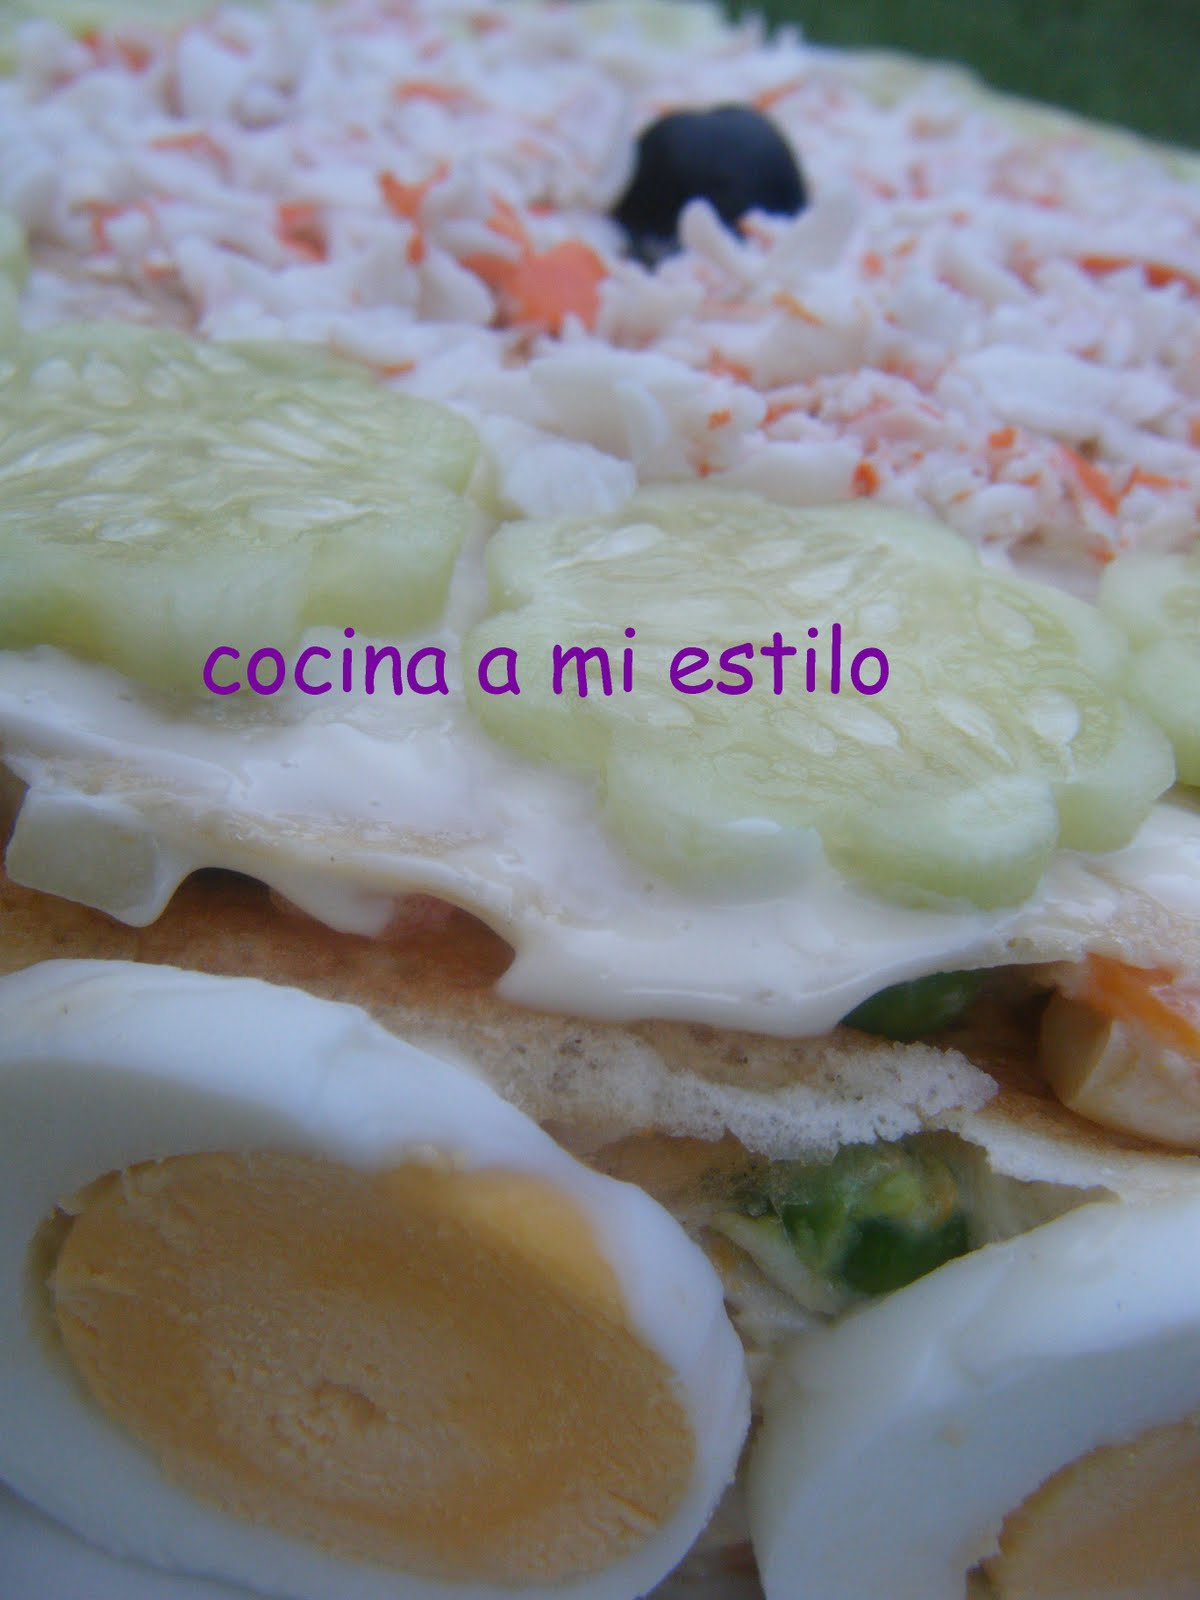 Cocina A Mi Estilo Las Novedades De Cocina A Mi Estilo - Cocina A Mi ...